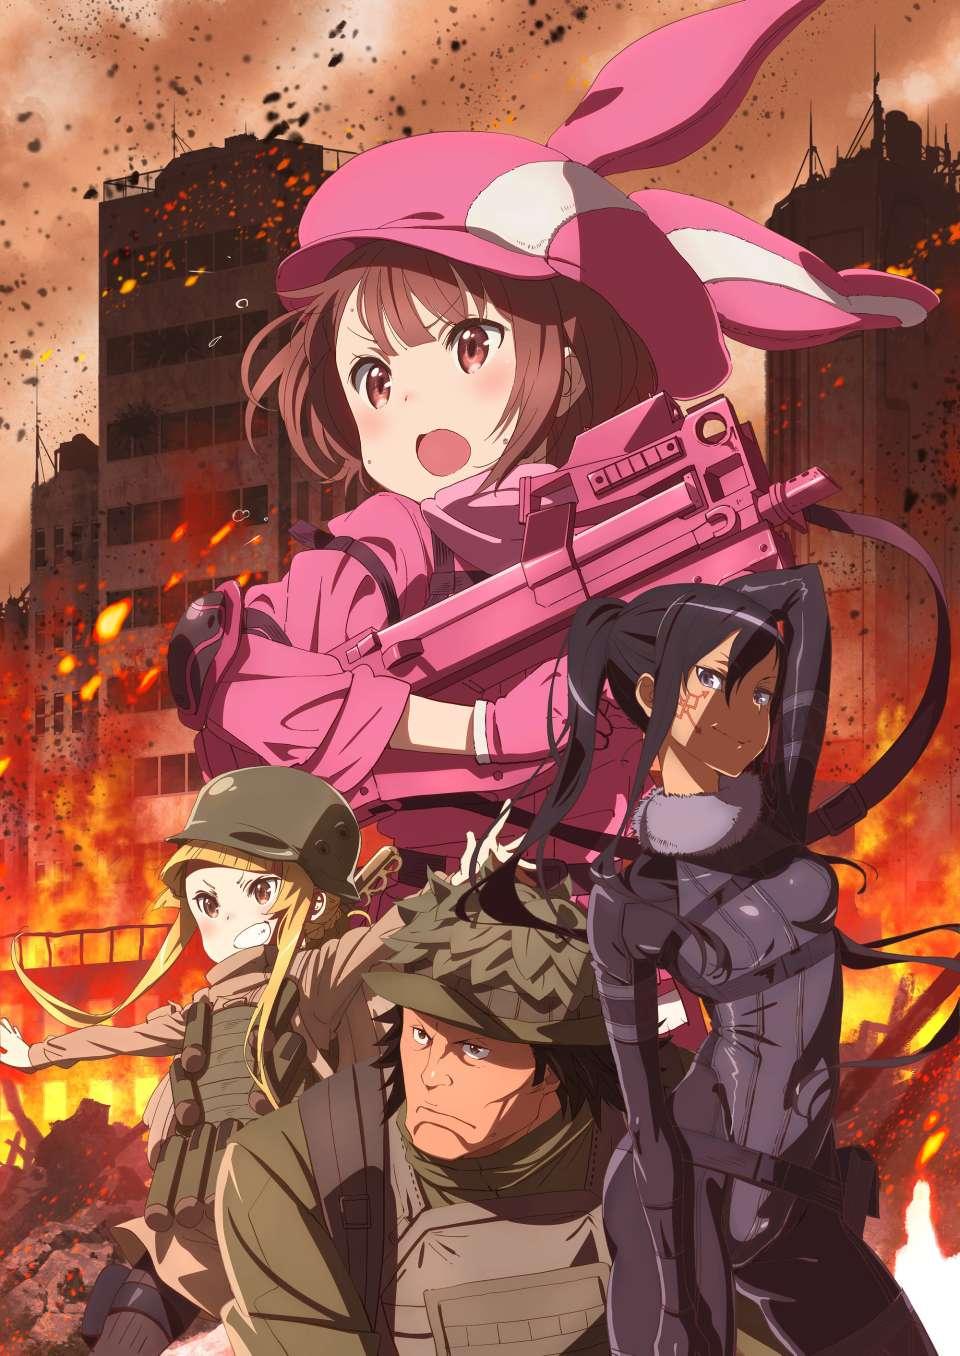 【资讯】《刀剑神域GGO》外传动画新宣传图发布 少女卷入枪战